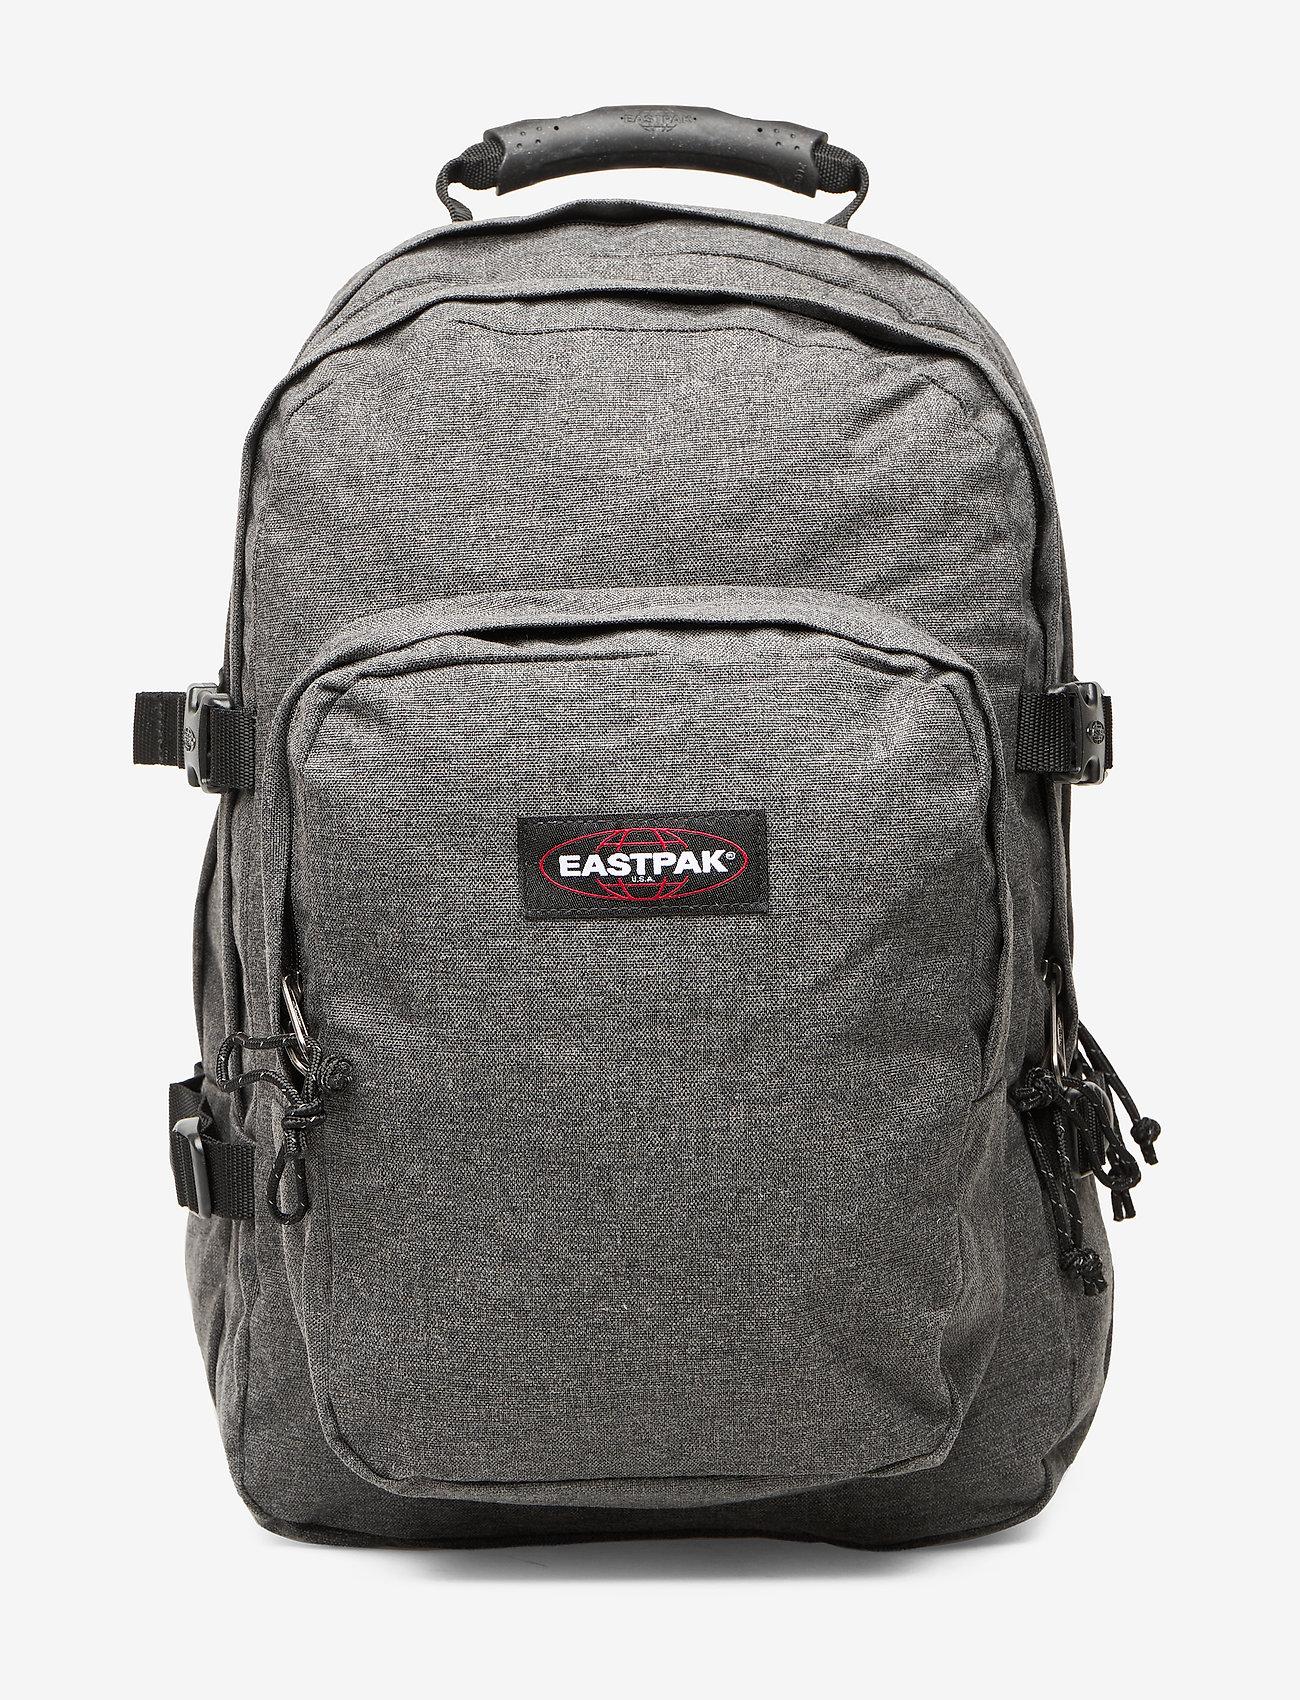 Eastpak - PROVIDER - ryggsekker - black denim - 0